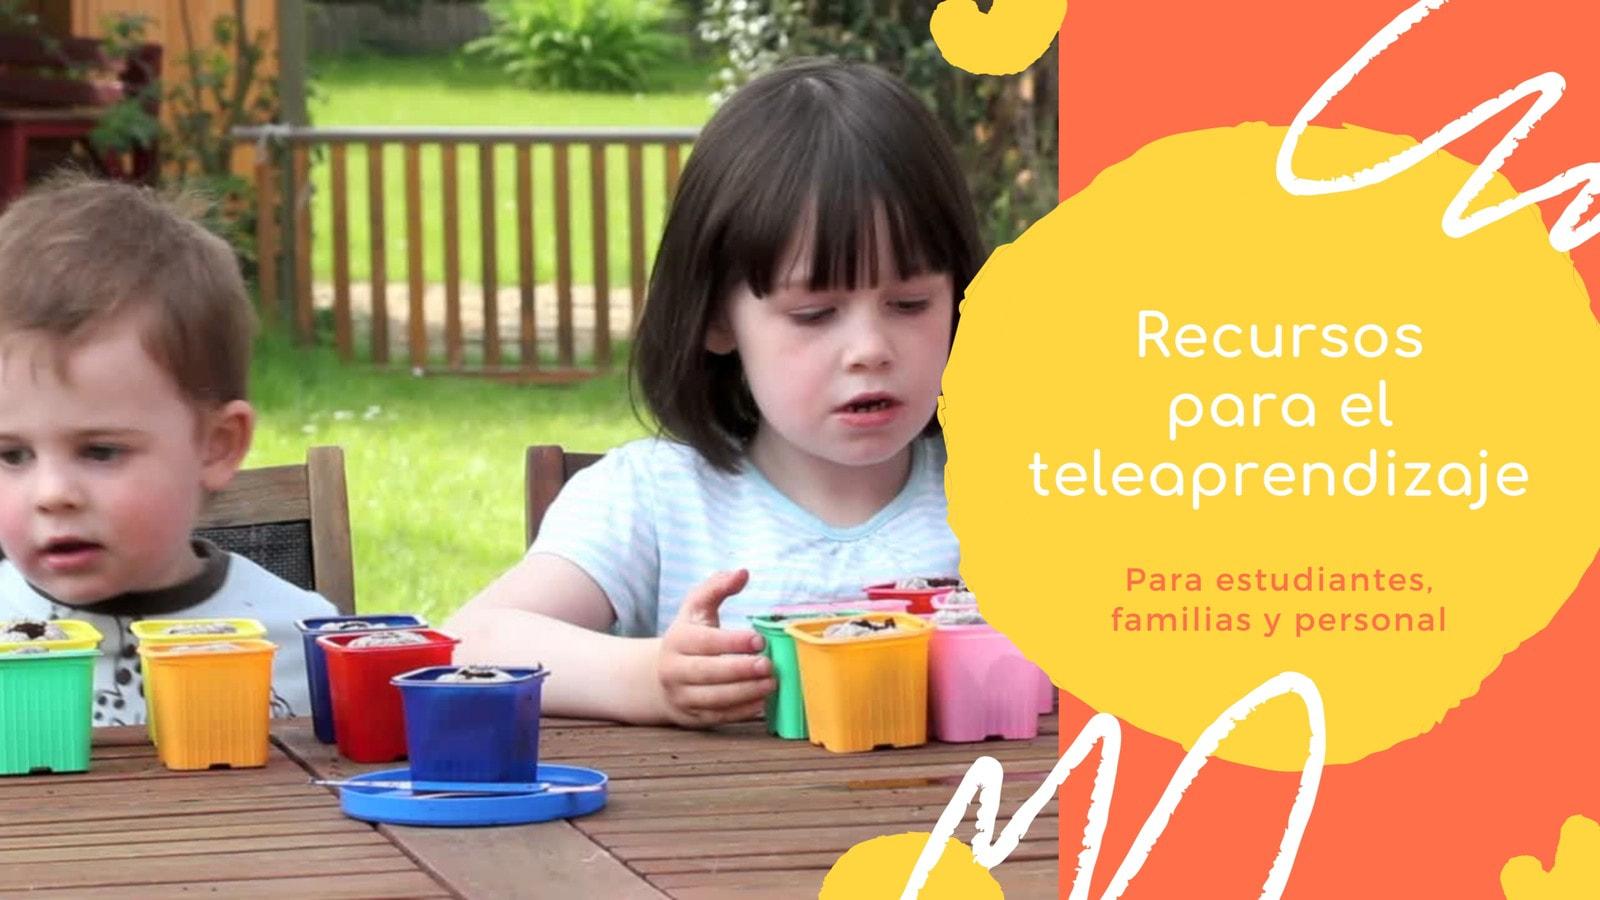 Naranja, Amarillo y Blanco Escuela/Teleaprendizaje Video de 16:9